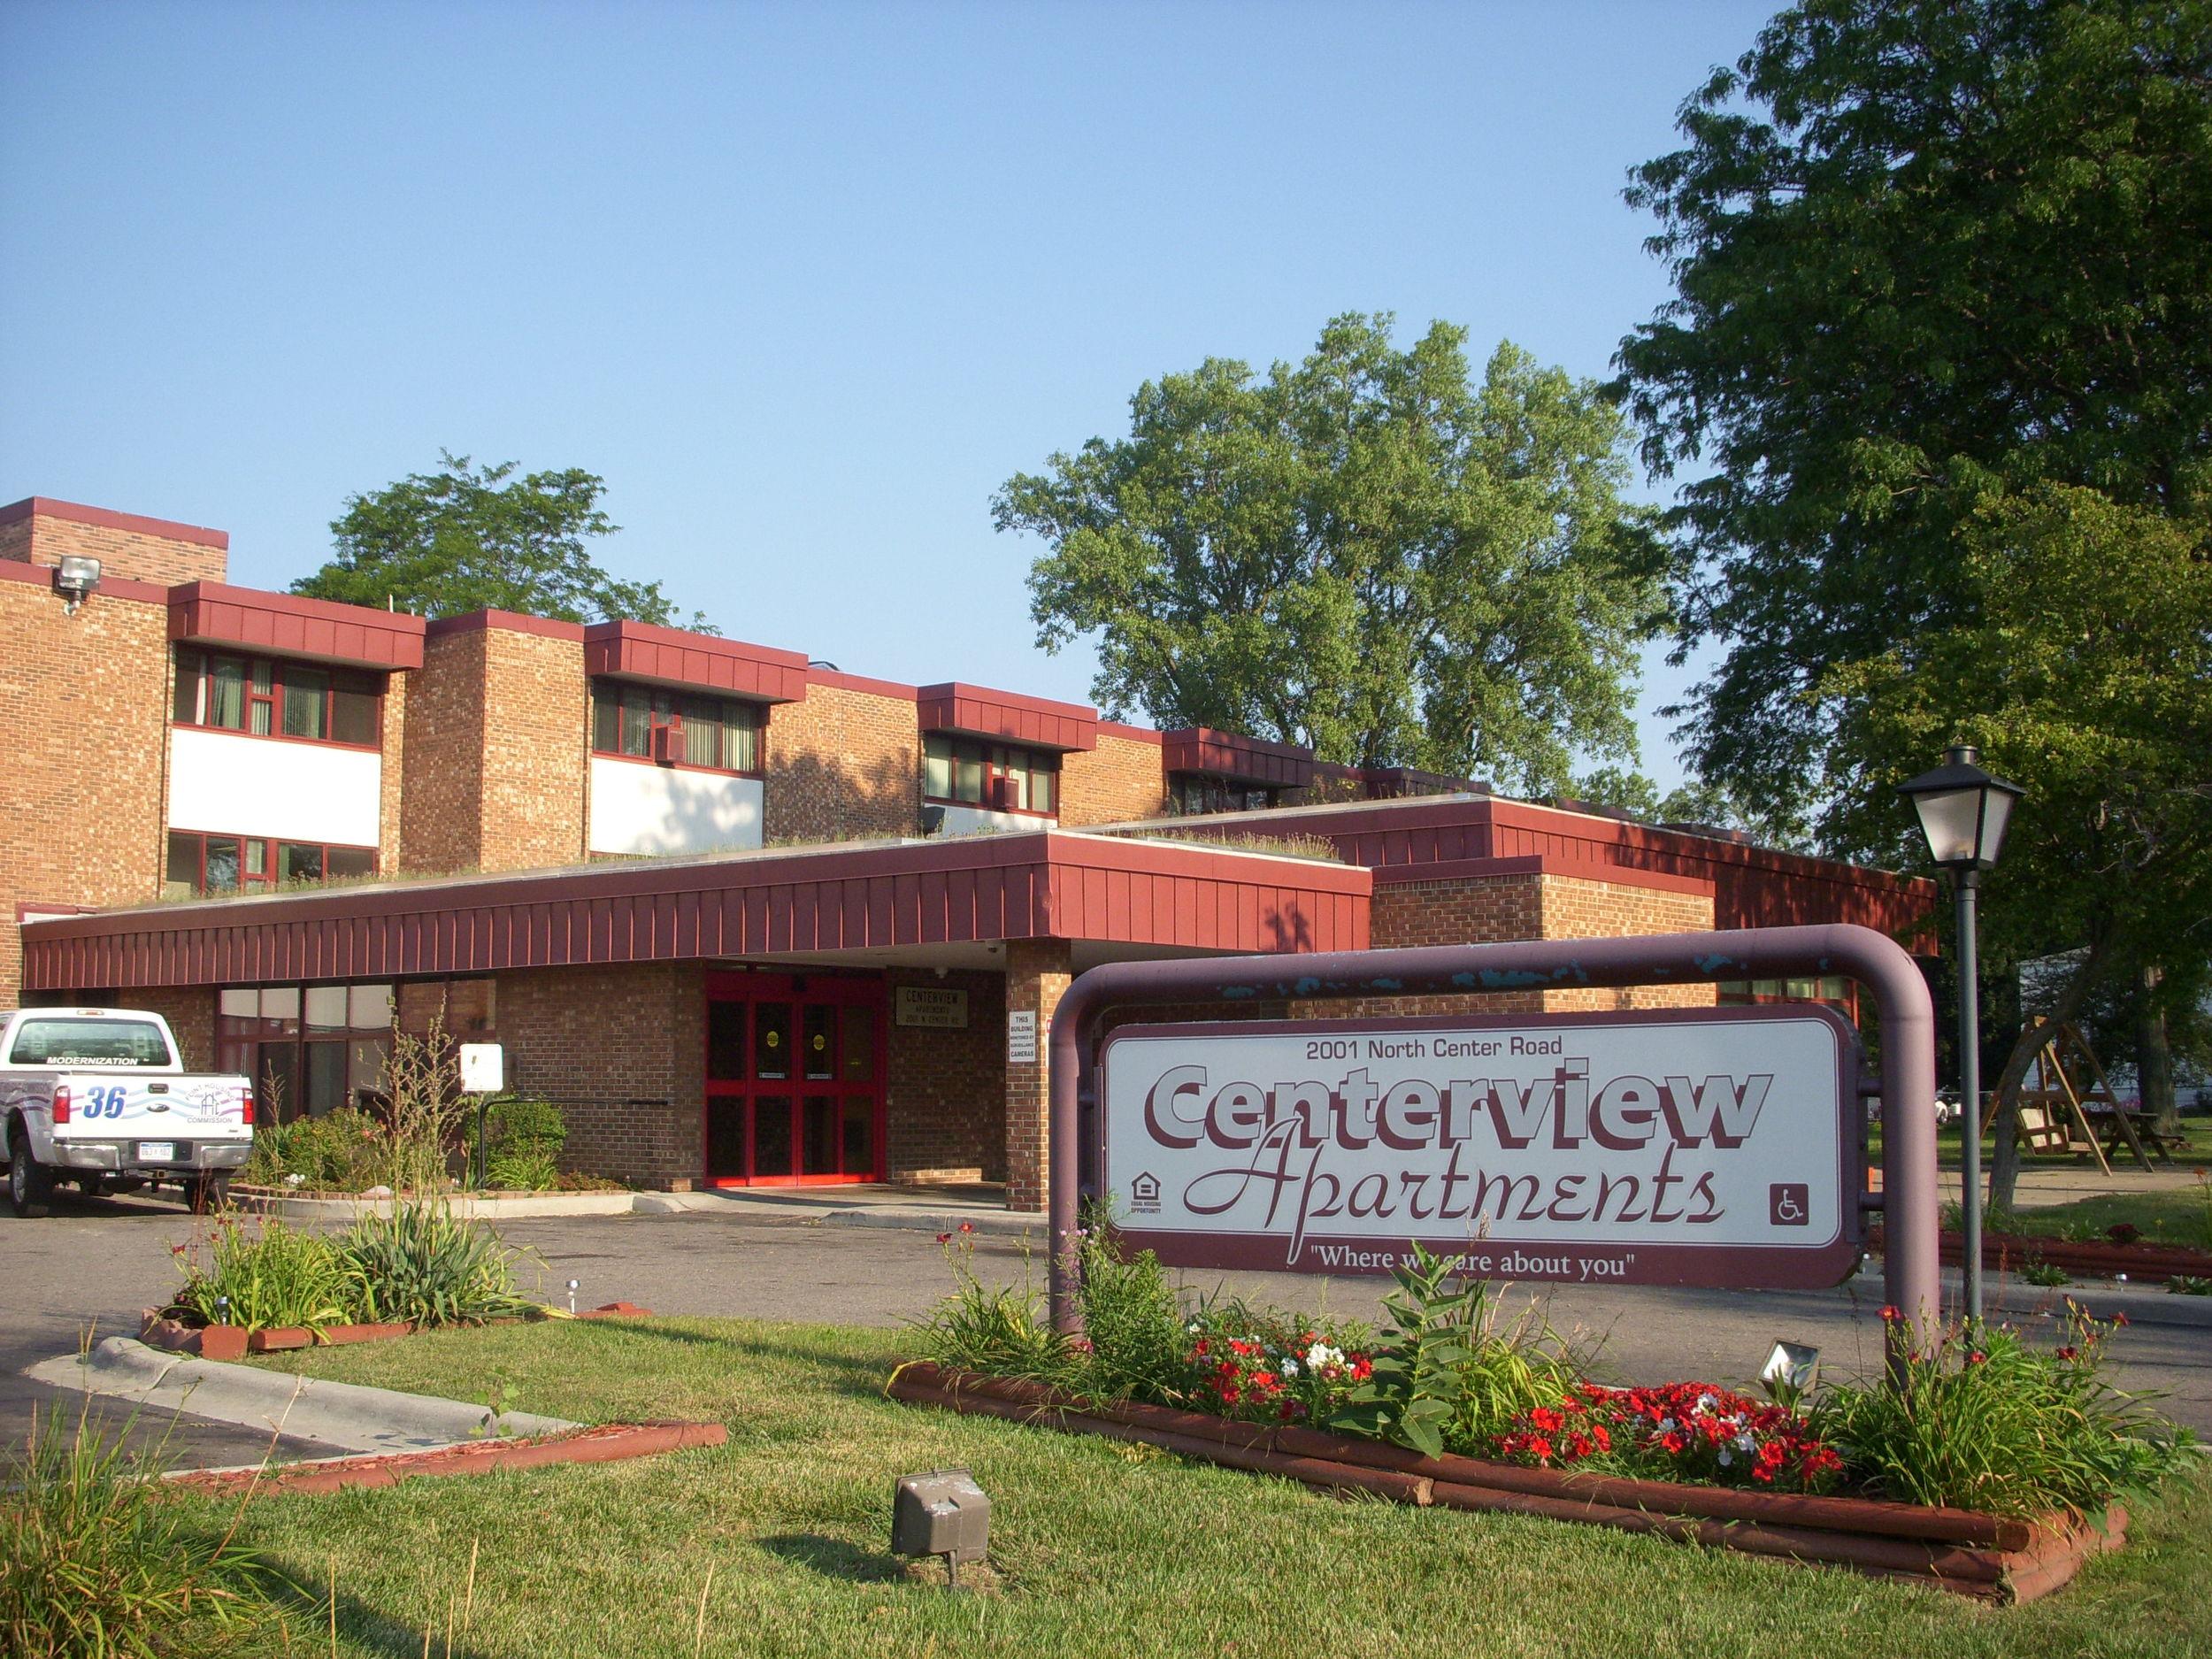 Centerview Apartments